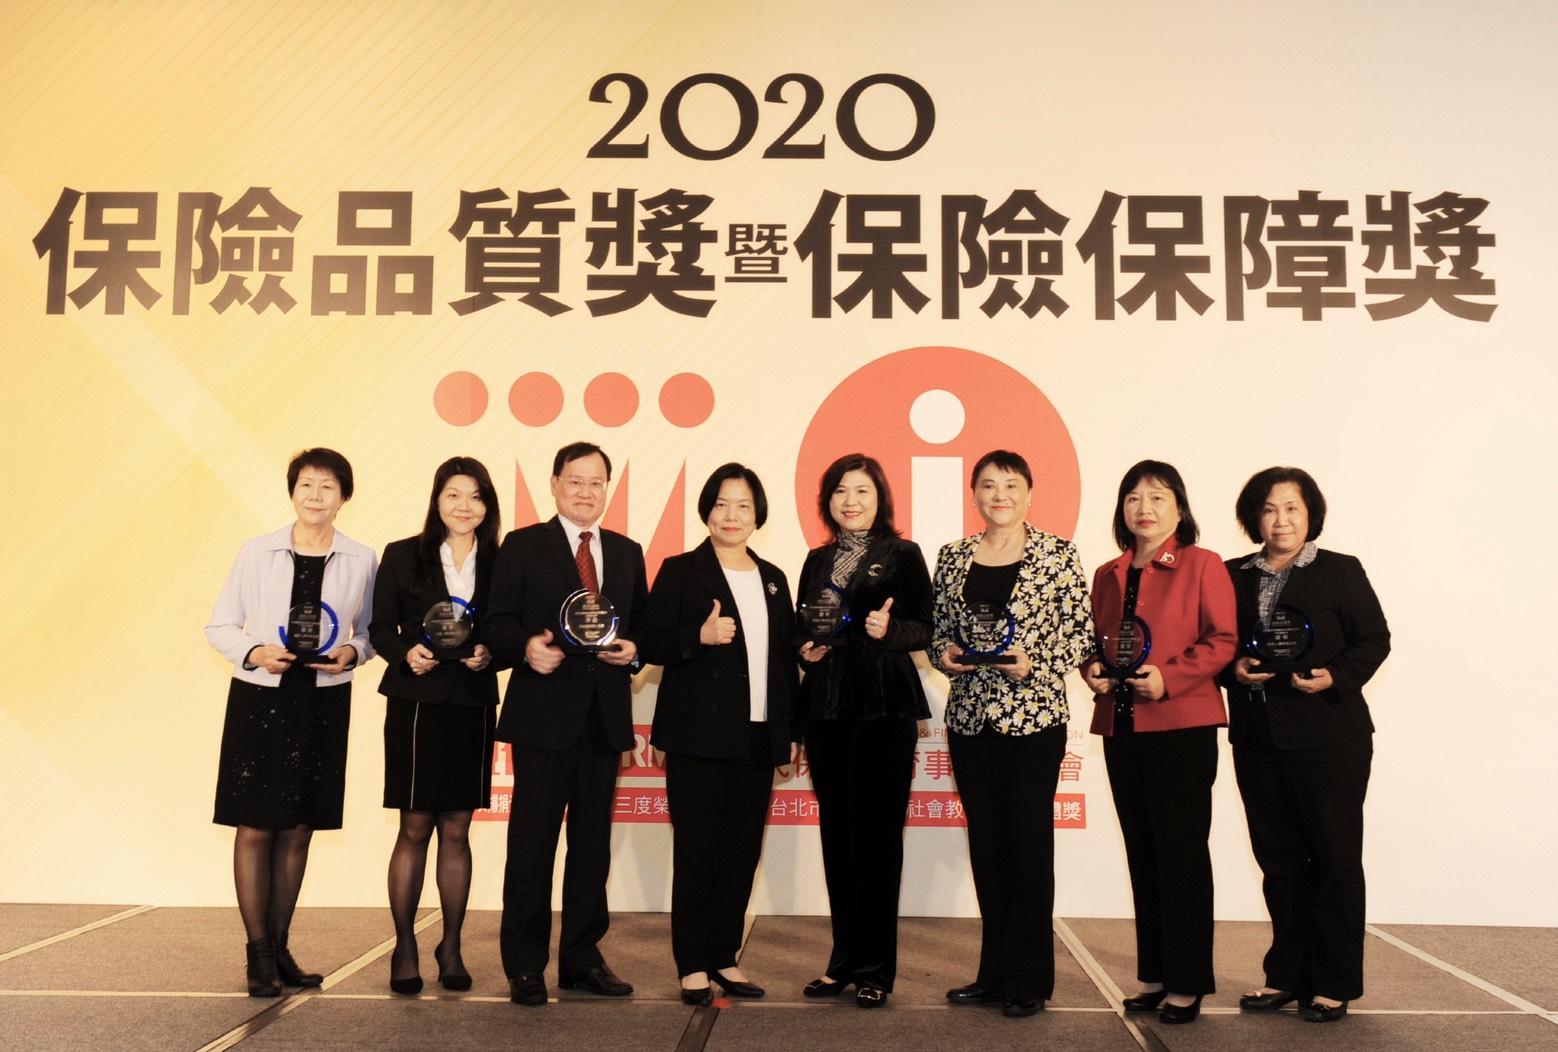 本公司榮獲【2020保險品質獎】四項優等殊榮